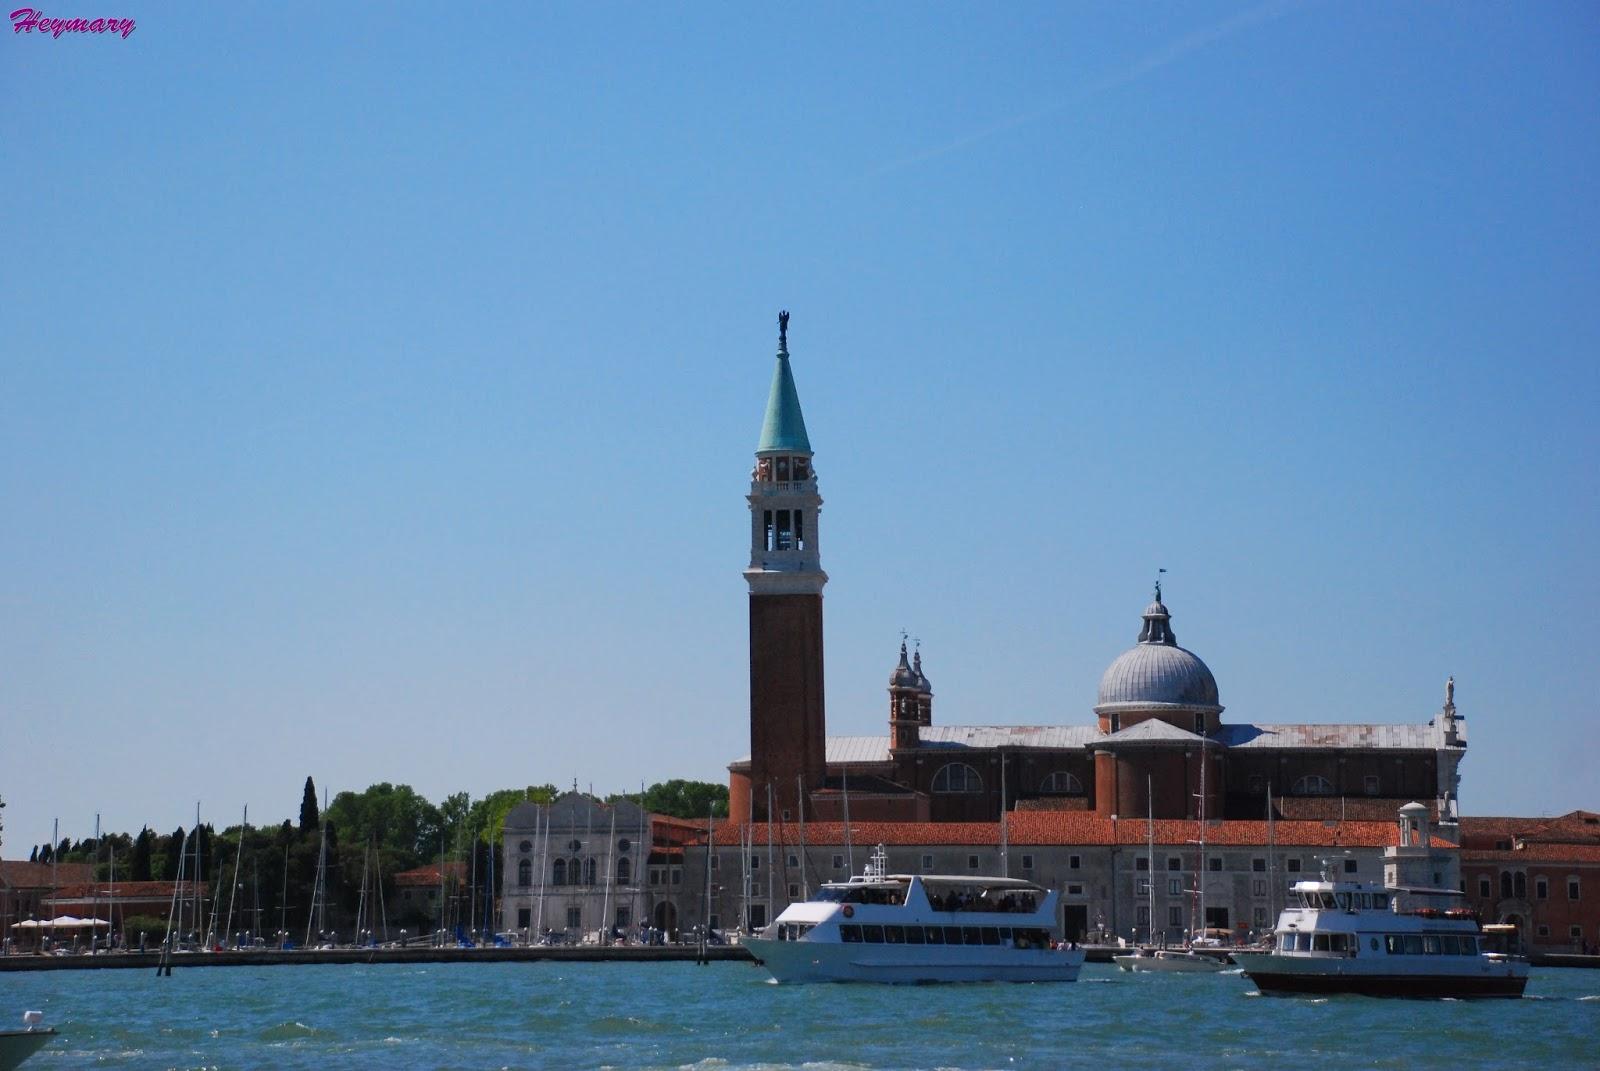 威尼斯-穆拉諾島(Murano島)